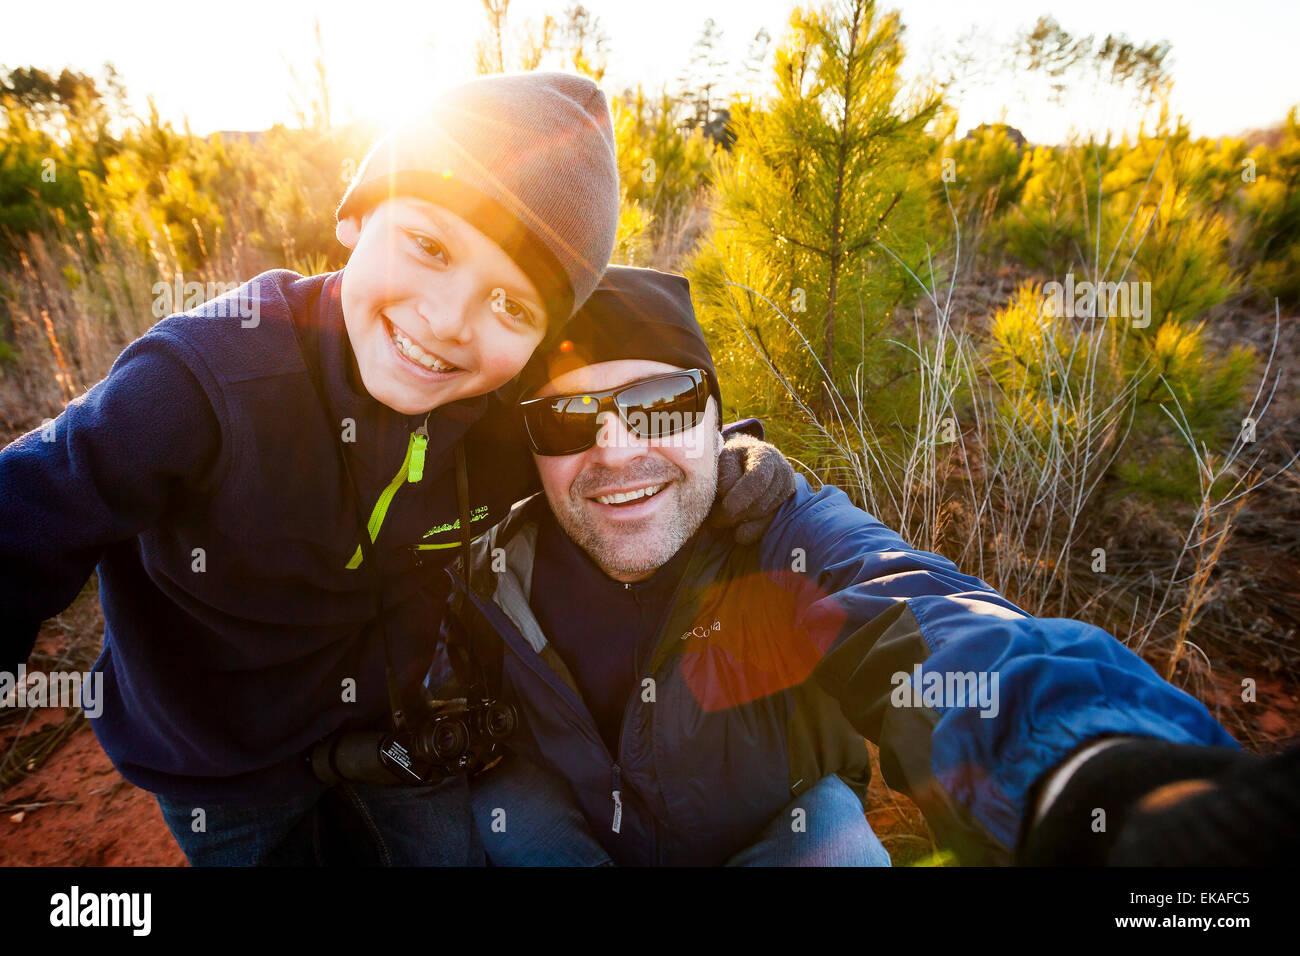 Padre e figlio prendendo un selfie Immagini Stock